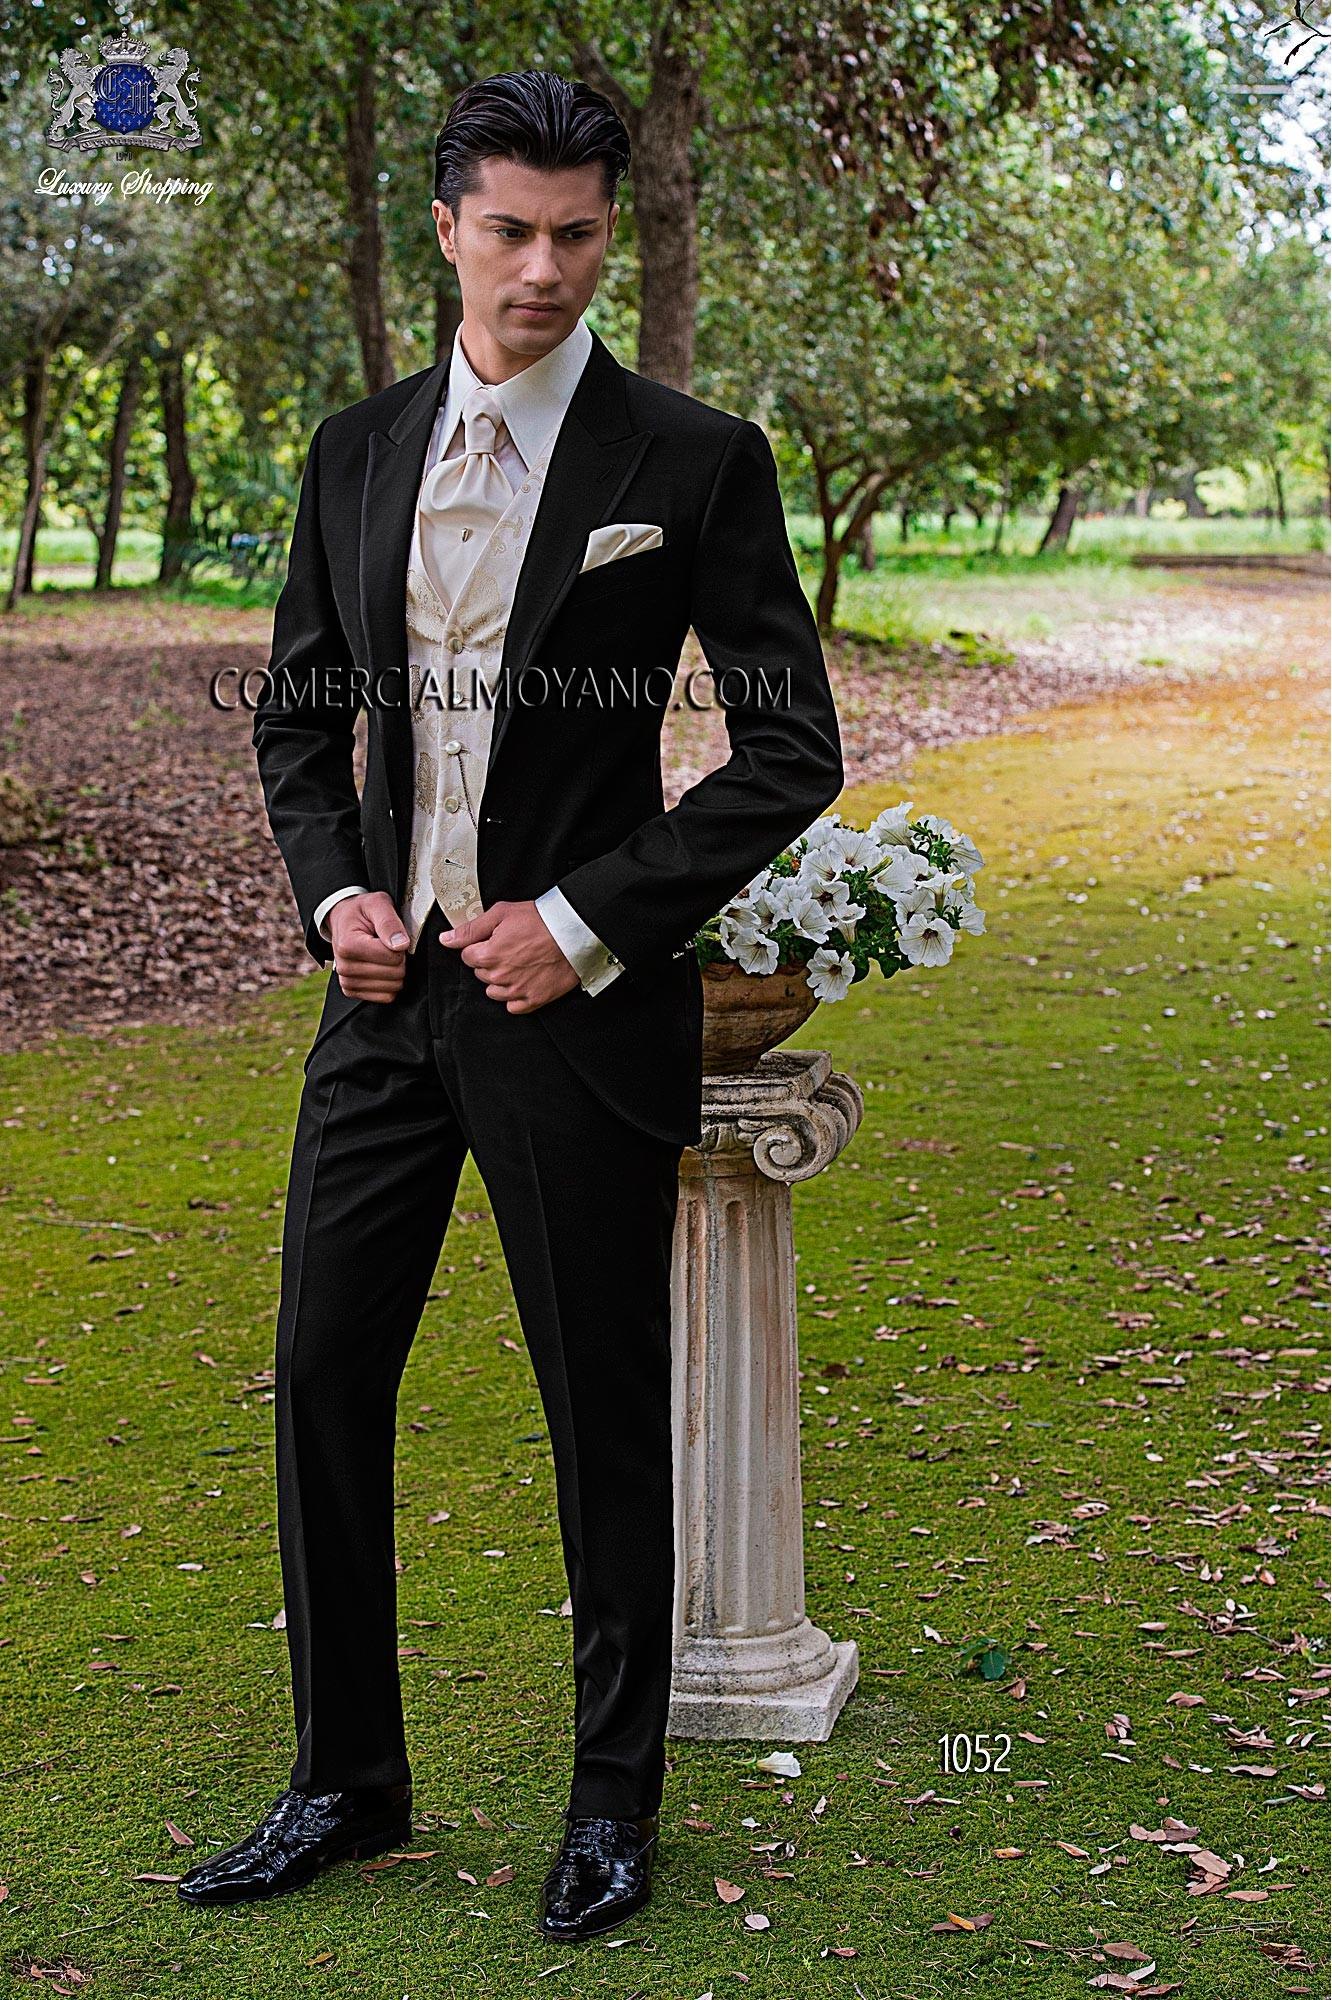 Fashion black men wedding suit model 1052 Ottavio Nuccio Gala